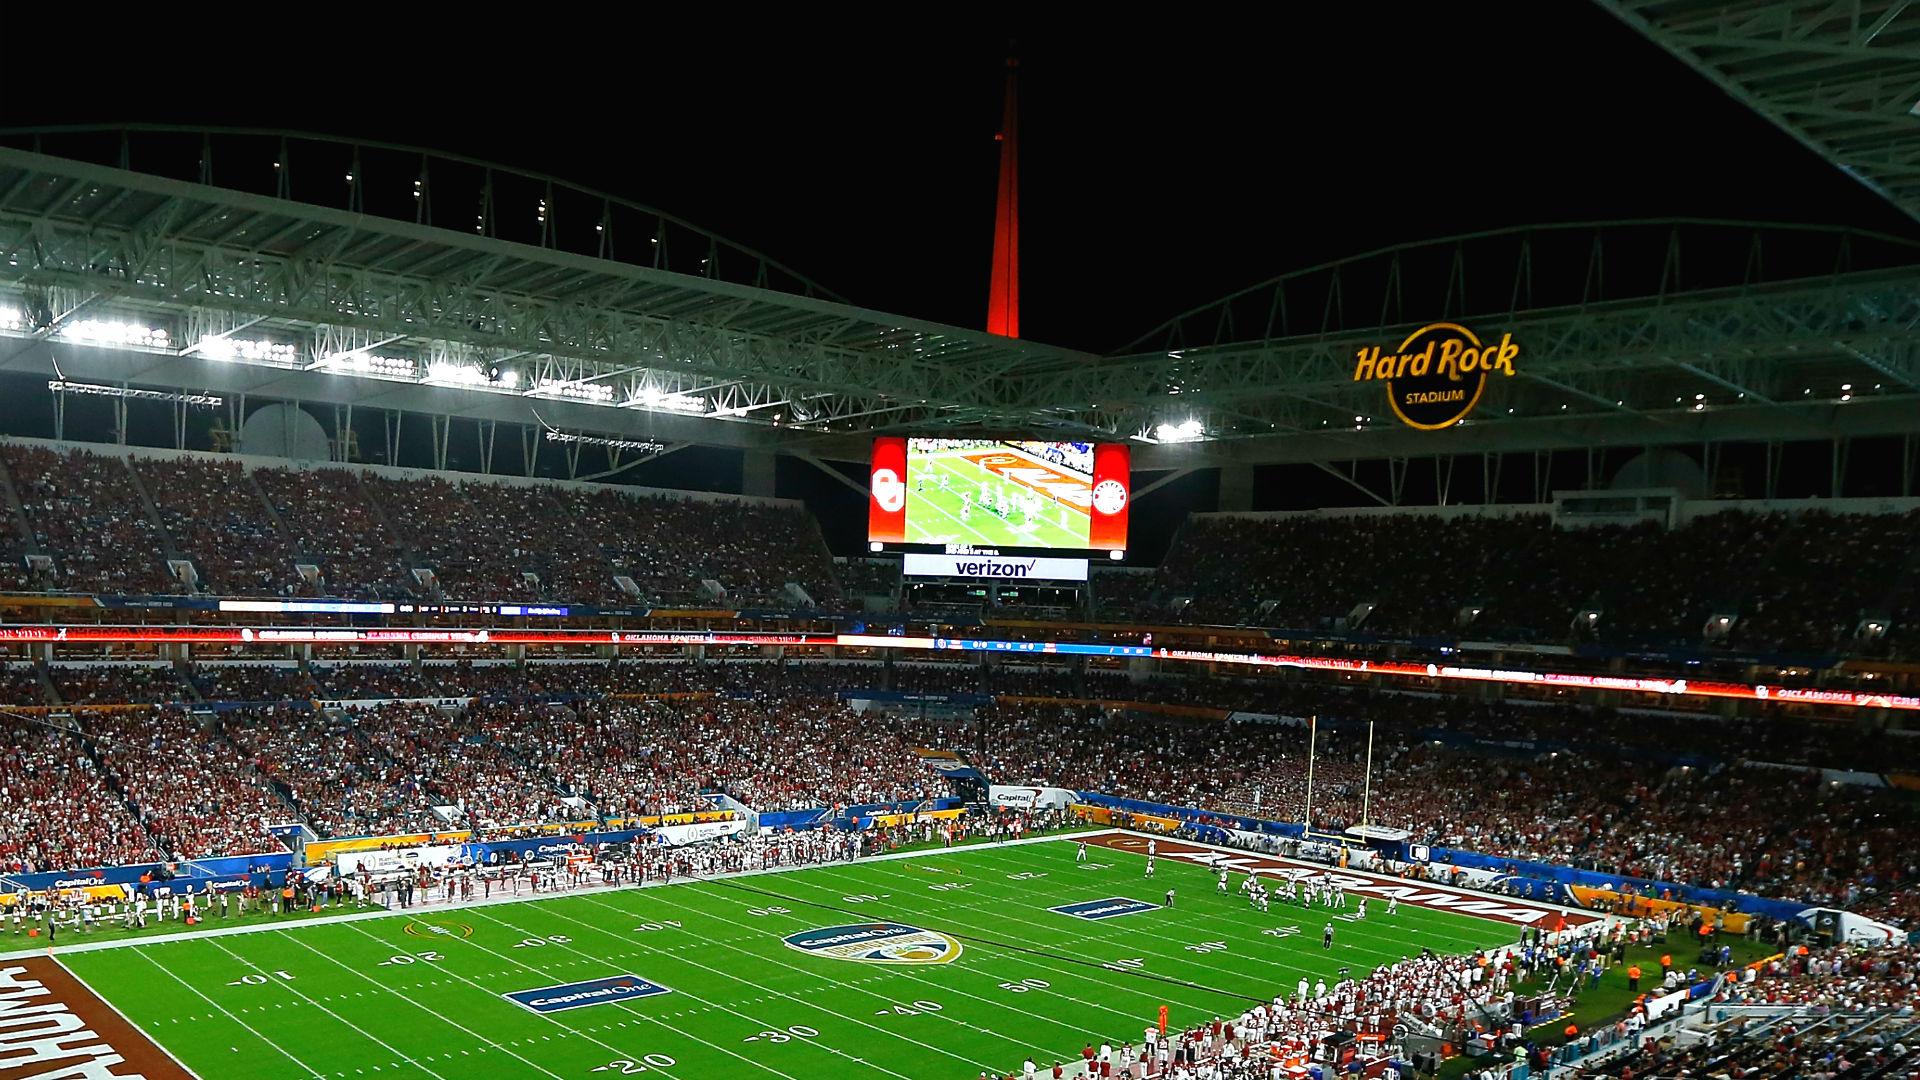 Cleveland Browns Super Bowl LIV odds